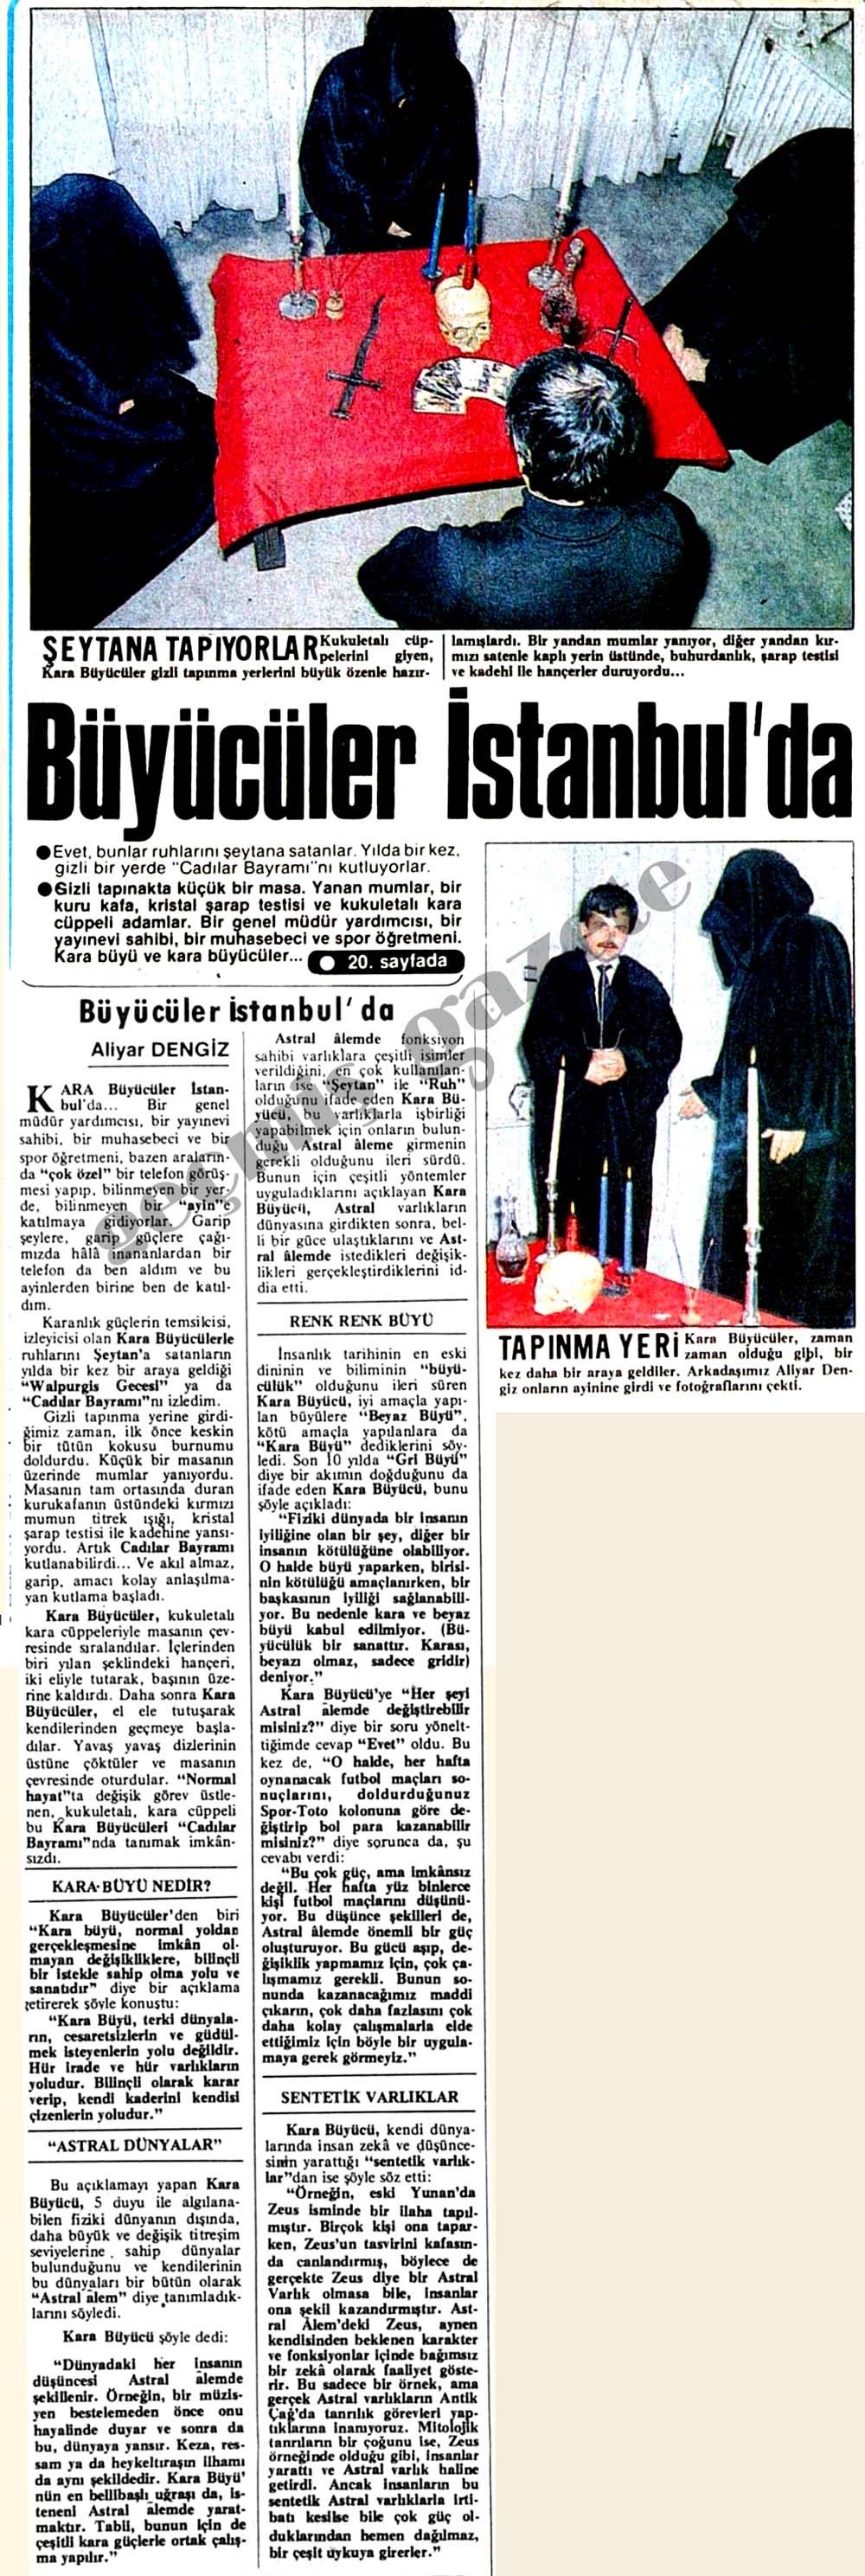 Büyücüler İstanbul'da